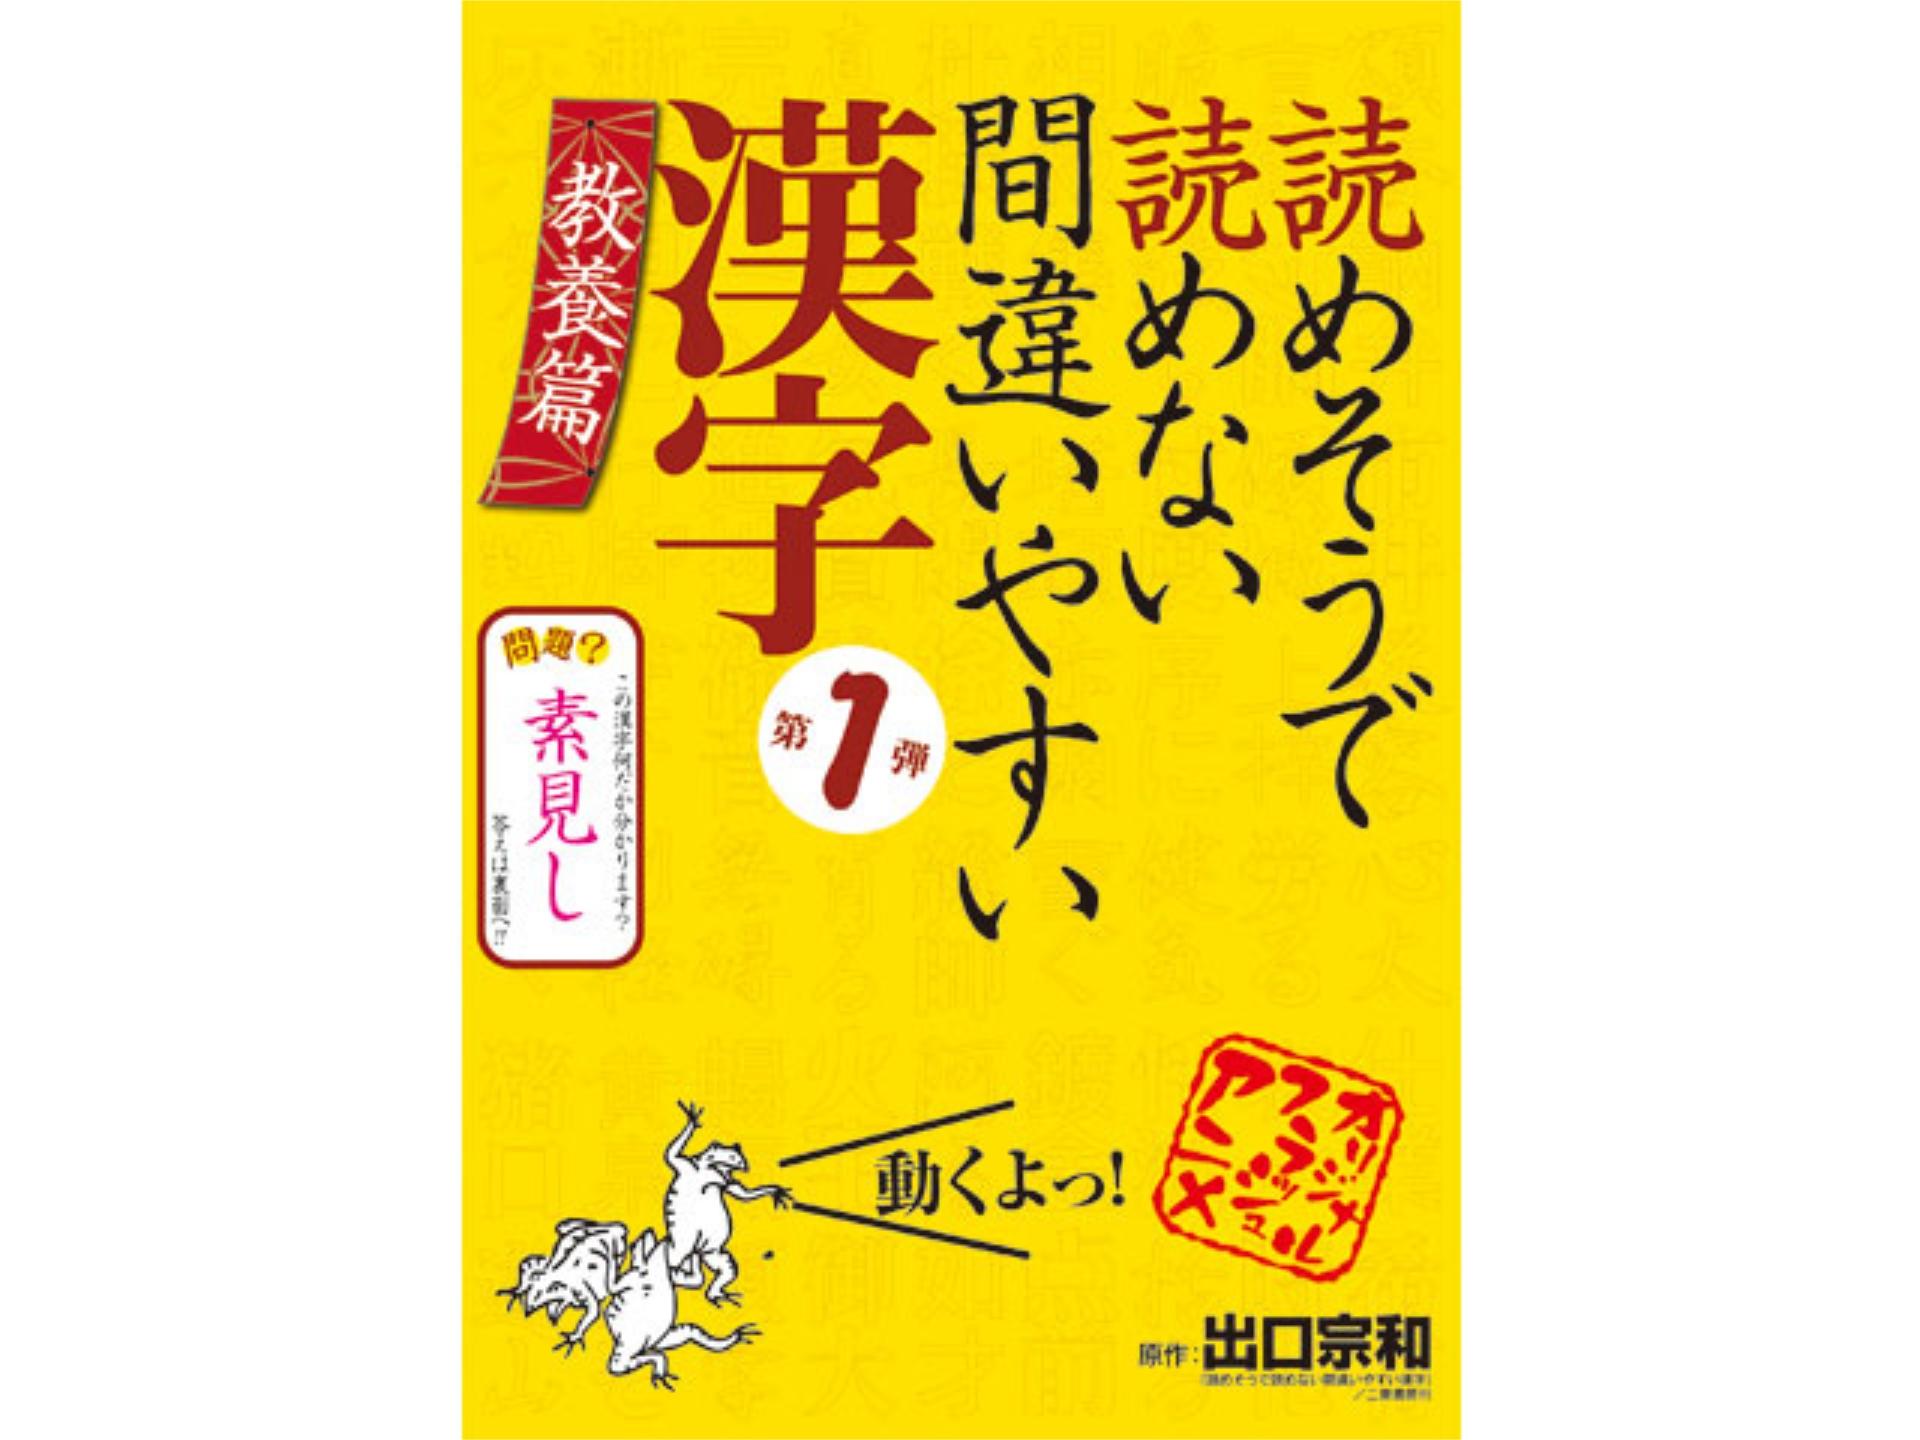 読めそうで読めない間違いやすい漢字 第1弾「教養編」